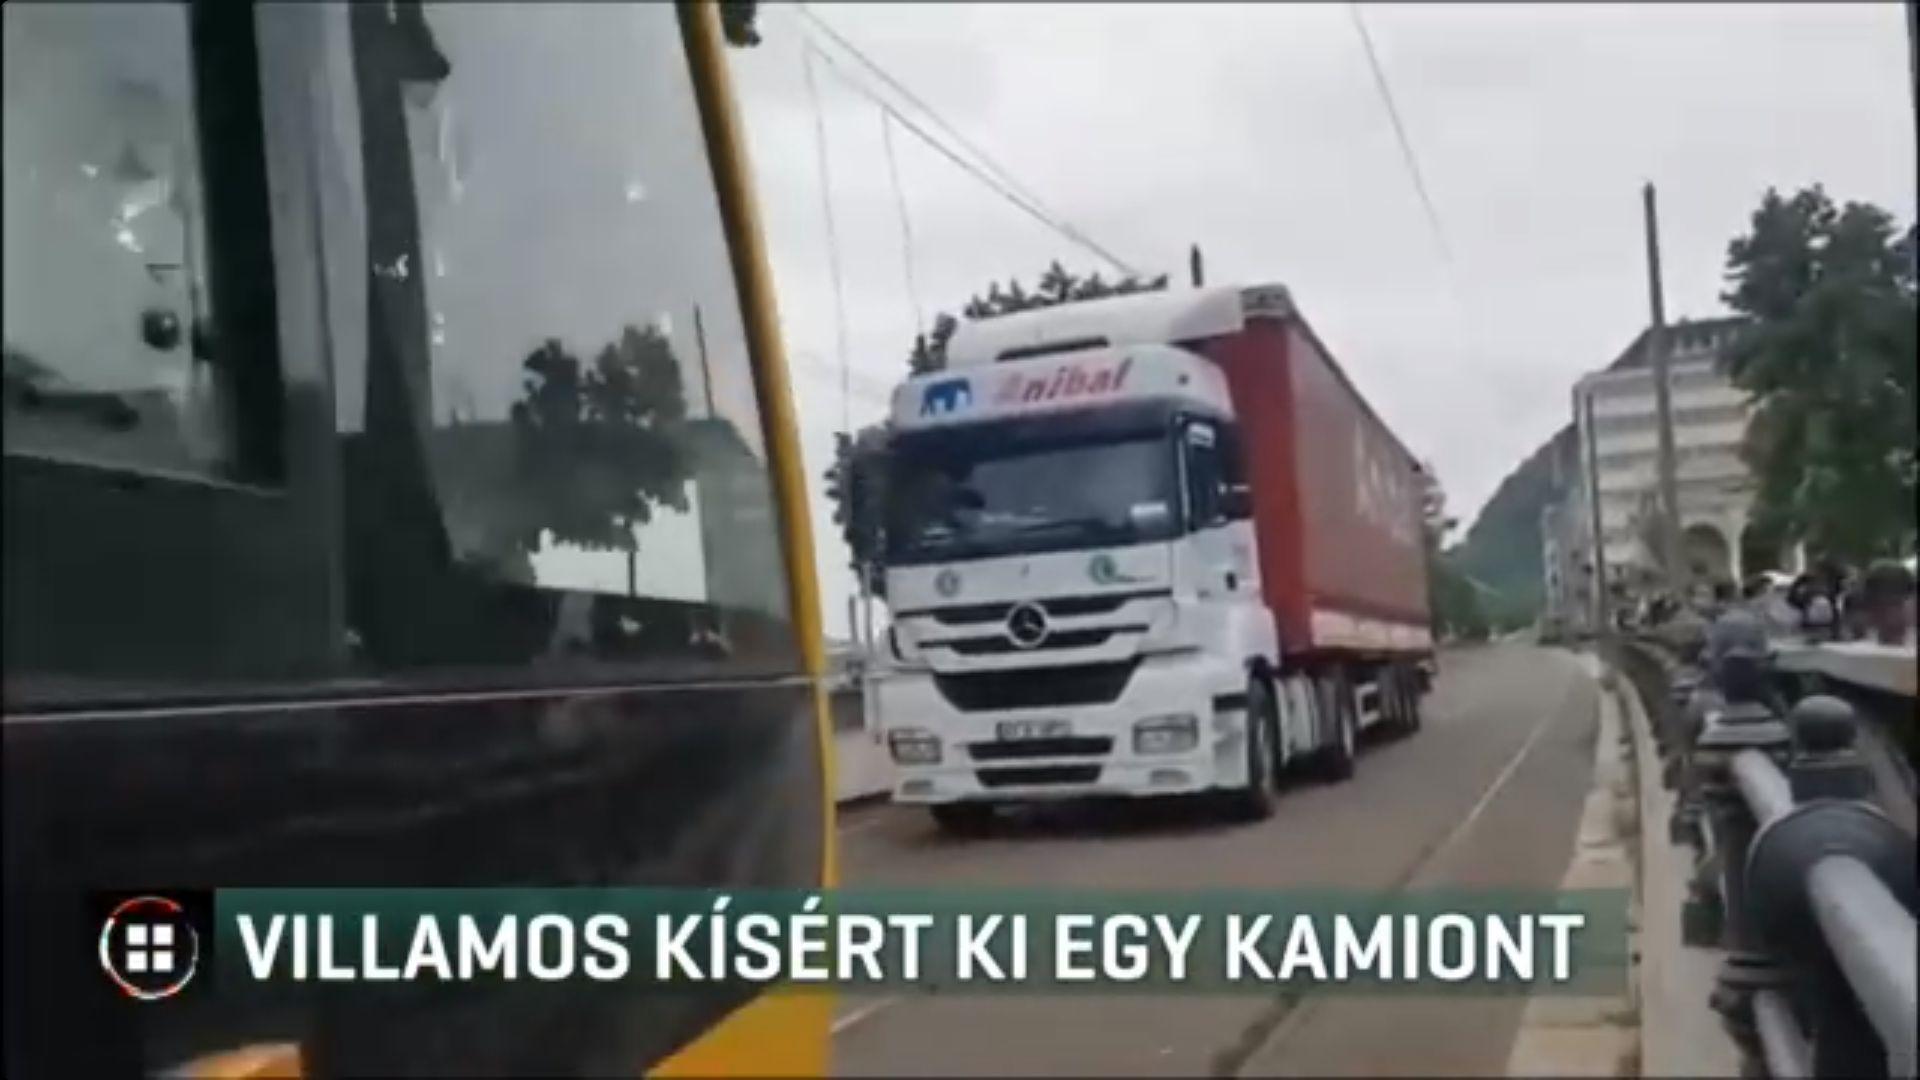 A villamosvezető egyszer csak azt látta, hogy a sínen jön szembe egy kamion